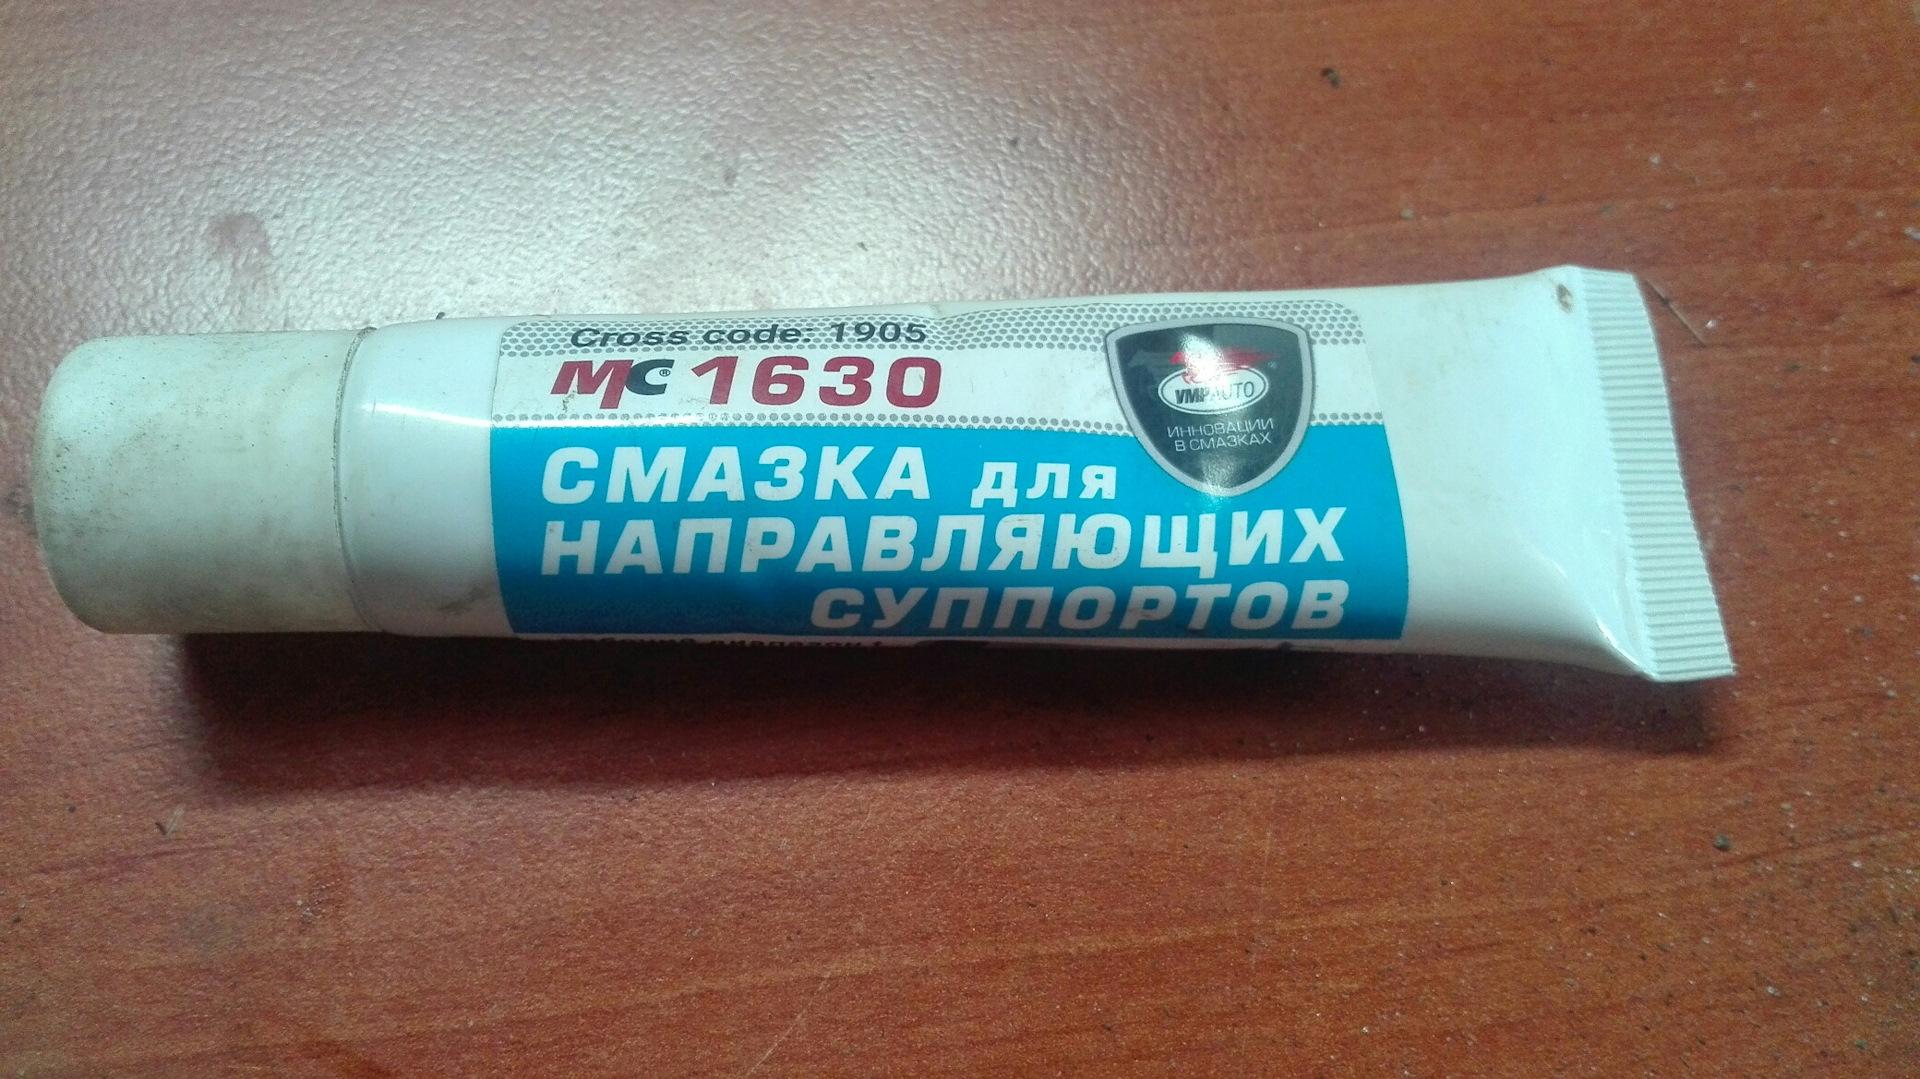 Смазка для tenga, Смазка для мастурбации Tenga Hole Lotion в Москве 7 фотография